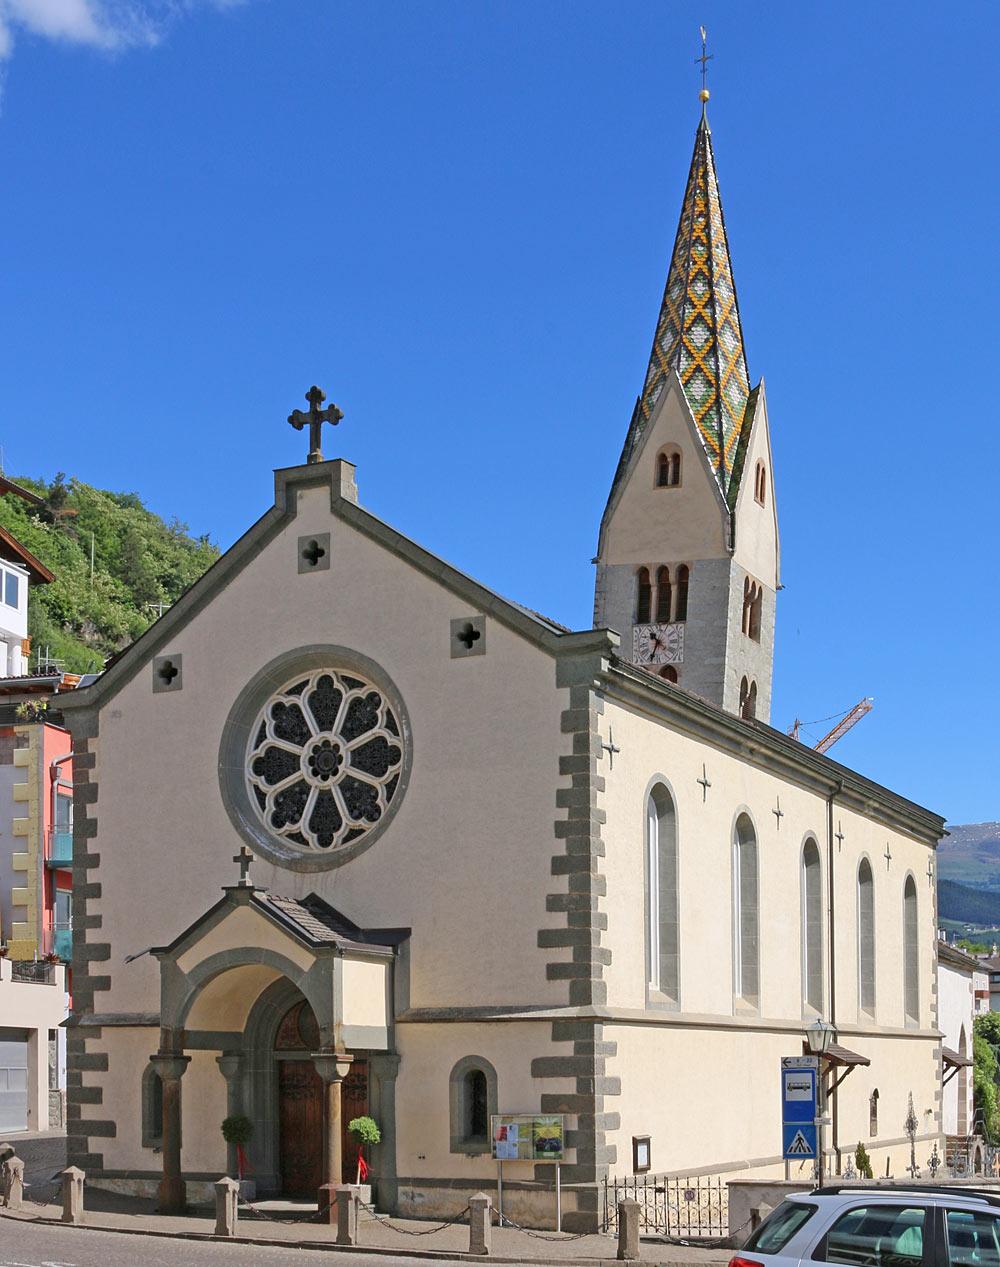 Außenansicht von St. Jakobus und dem schiefen Kirchturm in Barbian